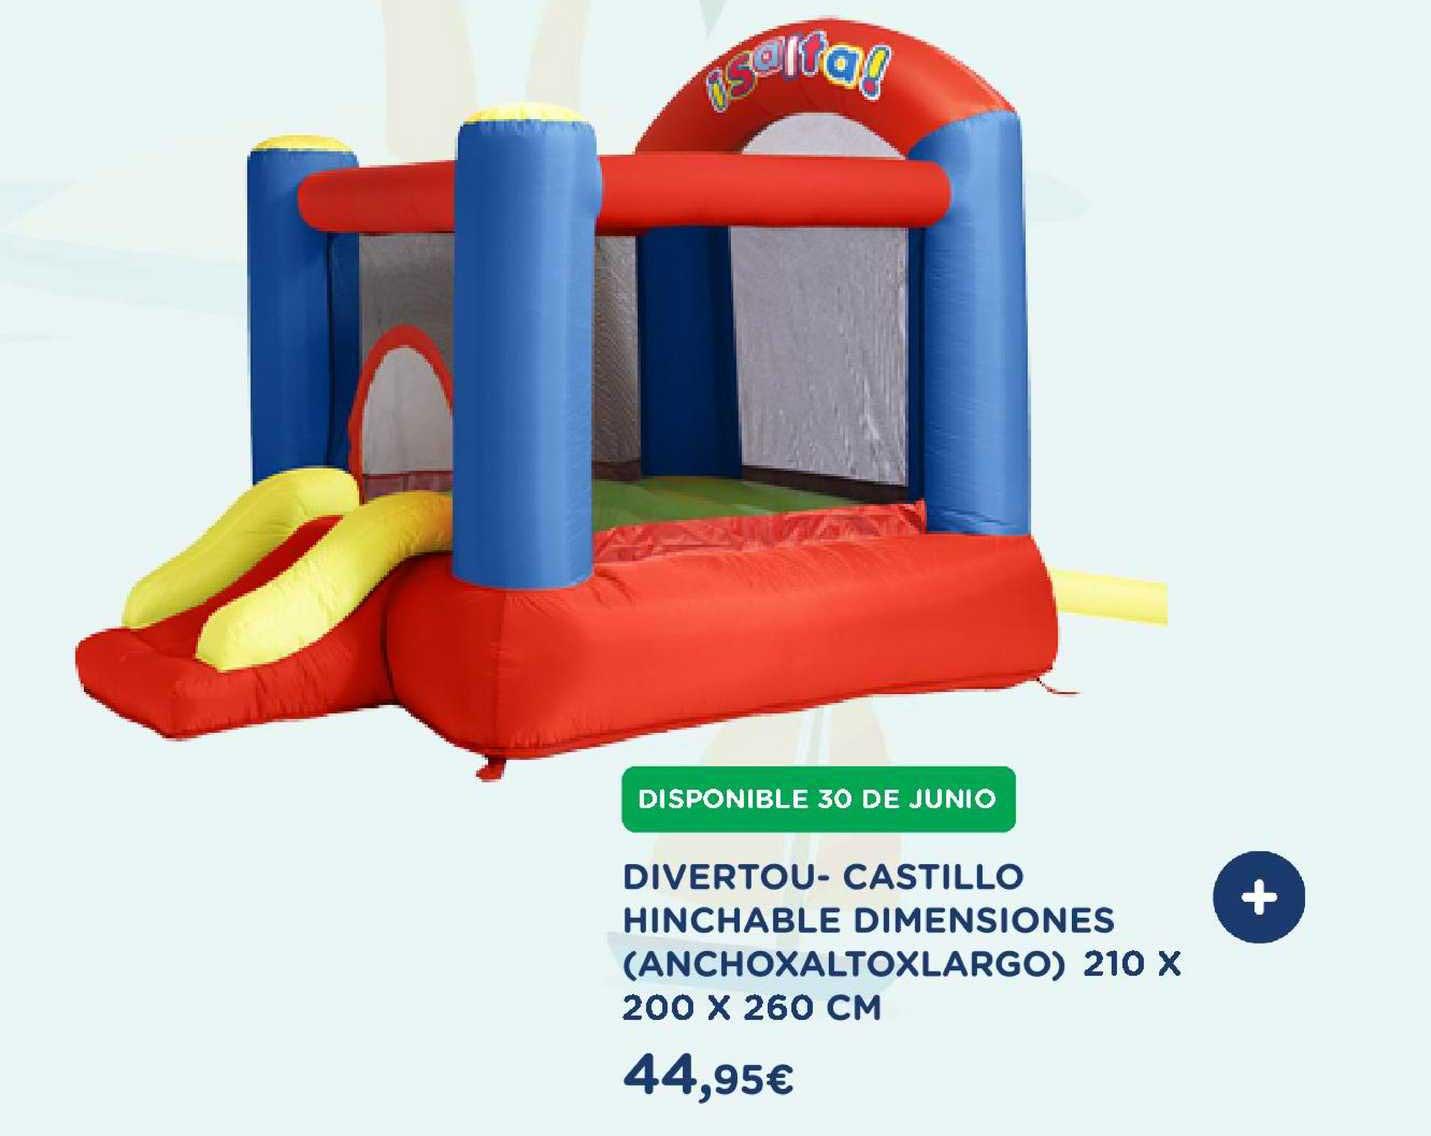 El Corte Inglés Divertou- Castillo Hinchable Dimensiones Anchoxaltoxlargo 210 X 200 X 260 Cm